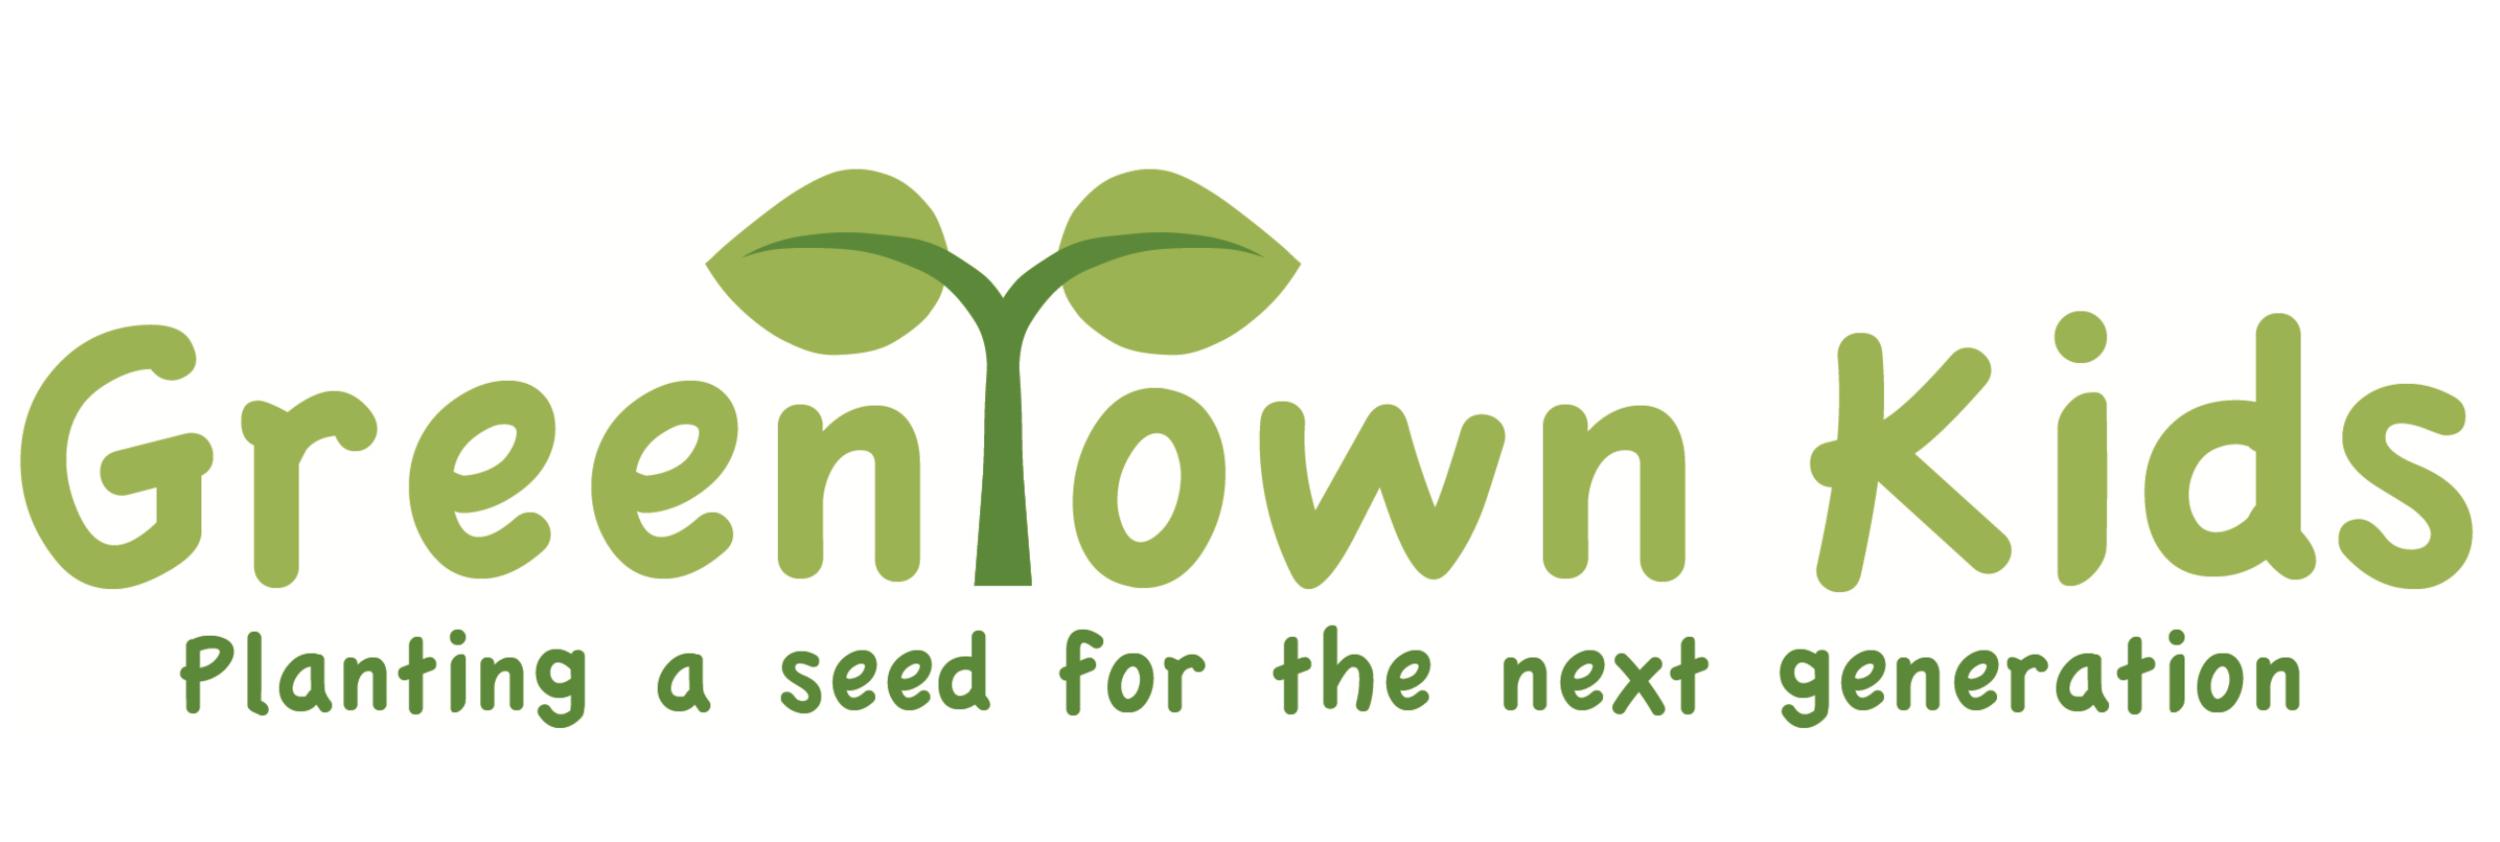 greentown-kids-logo-condensed-300dpi.png